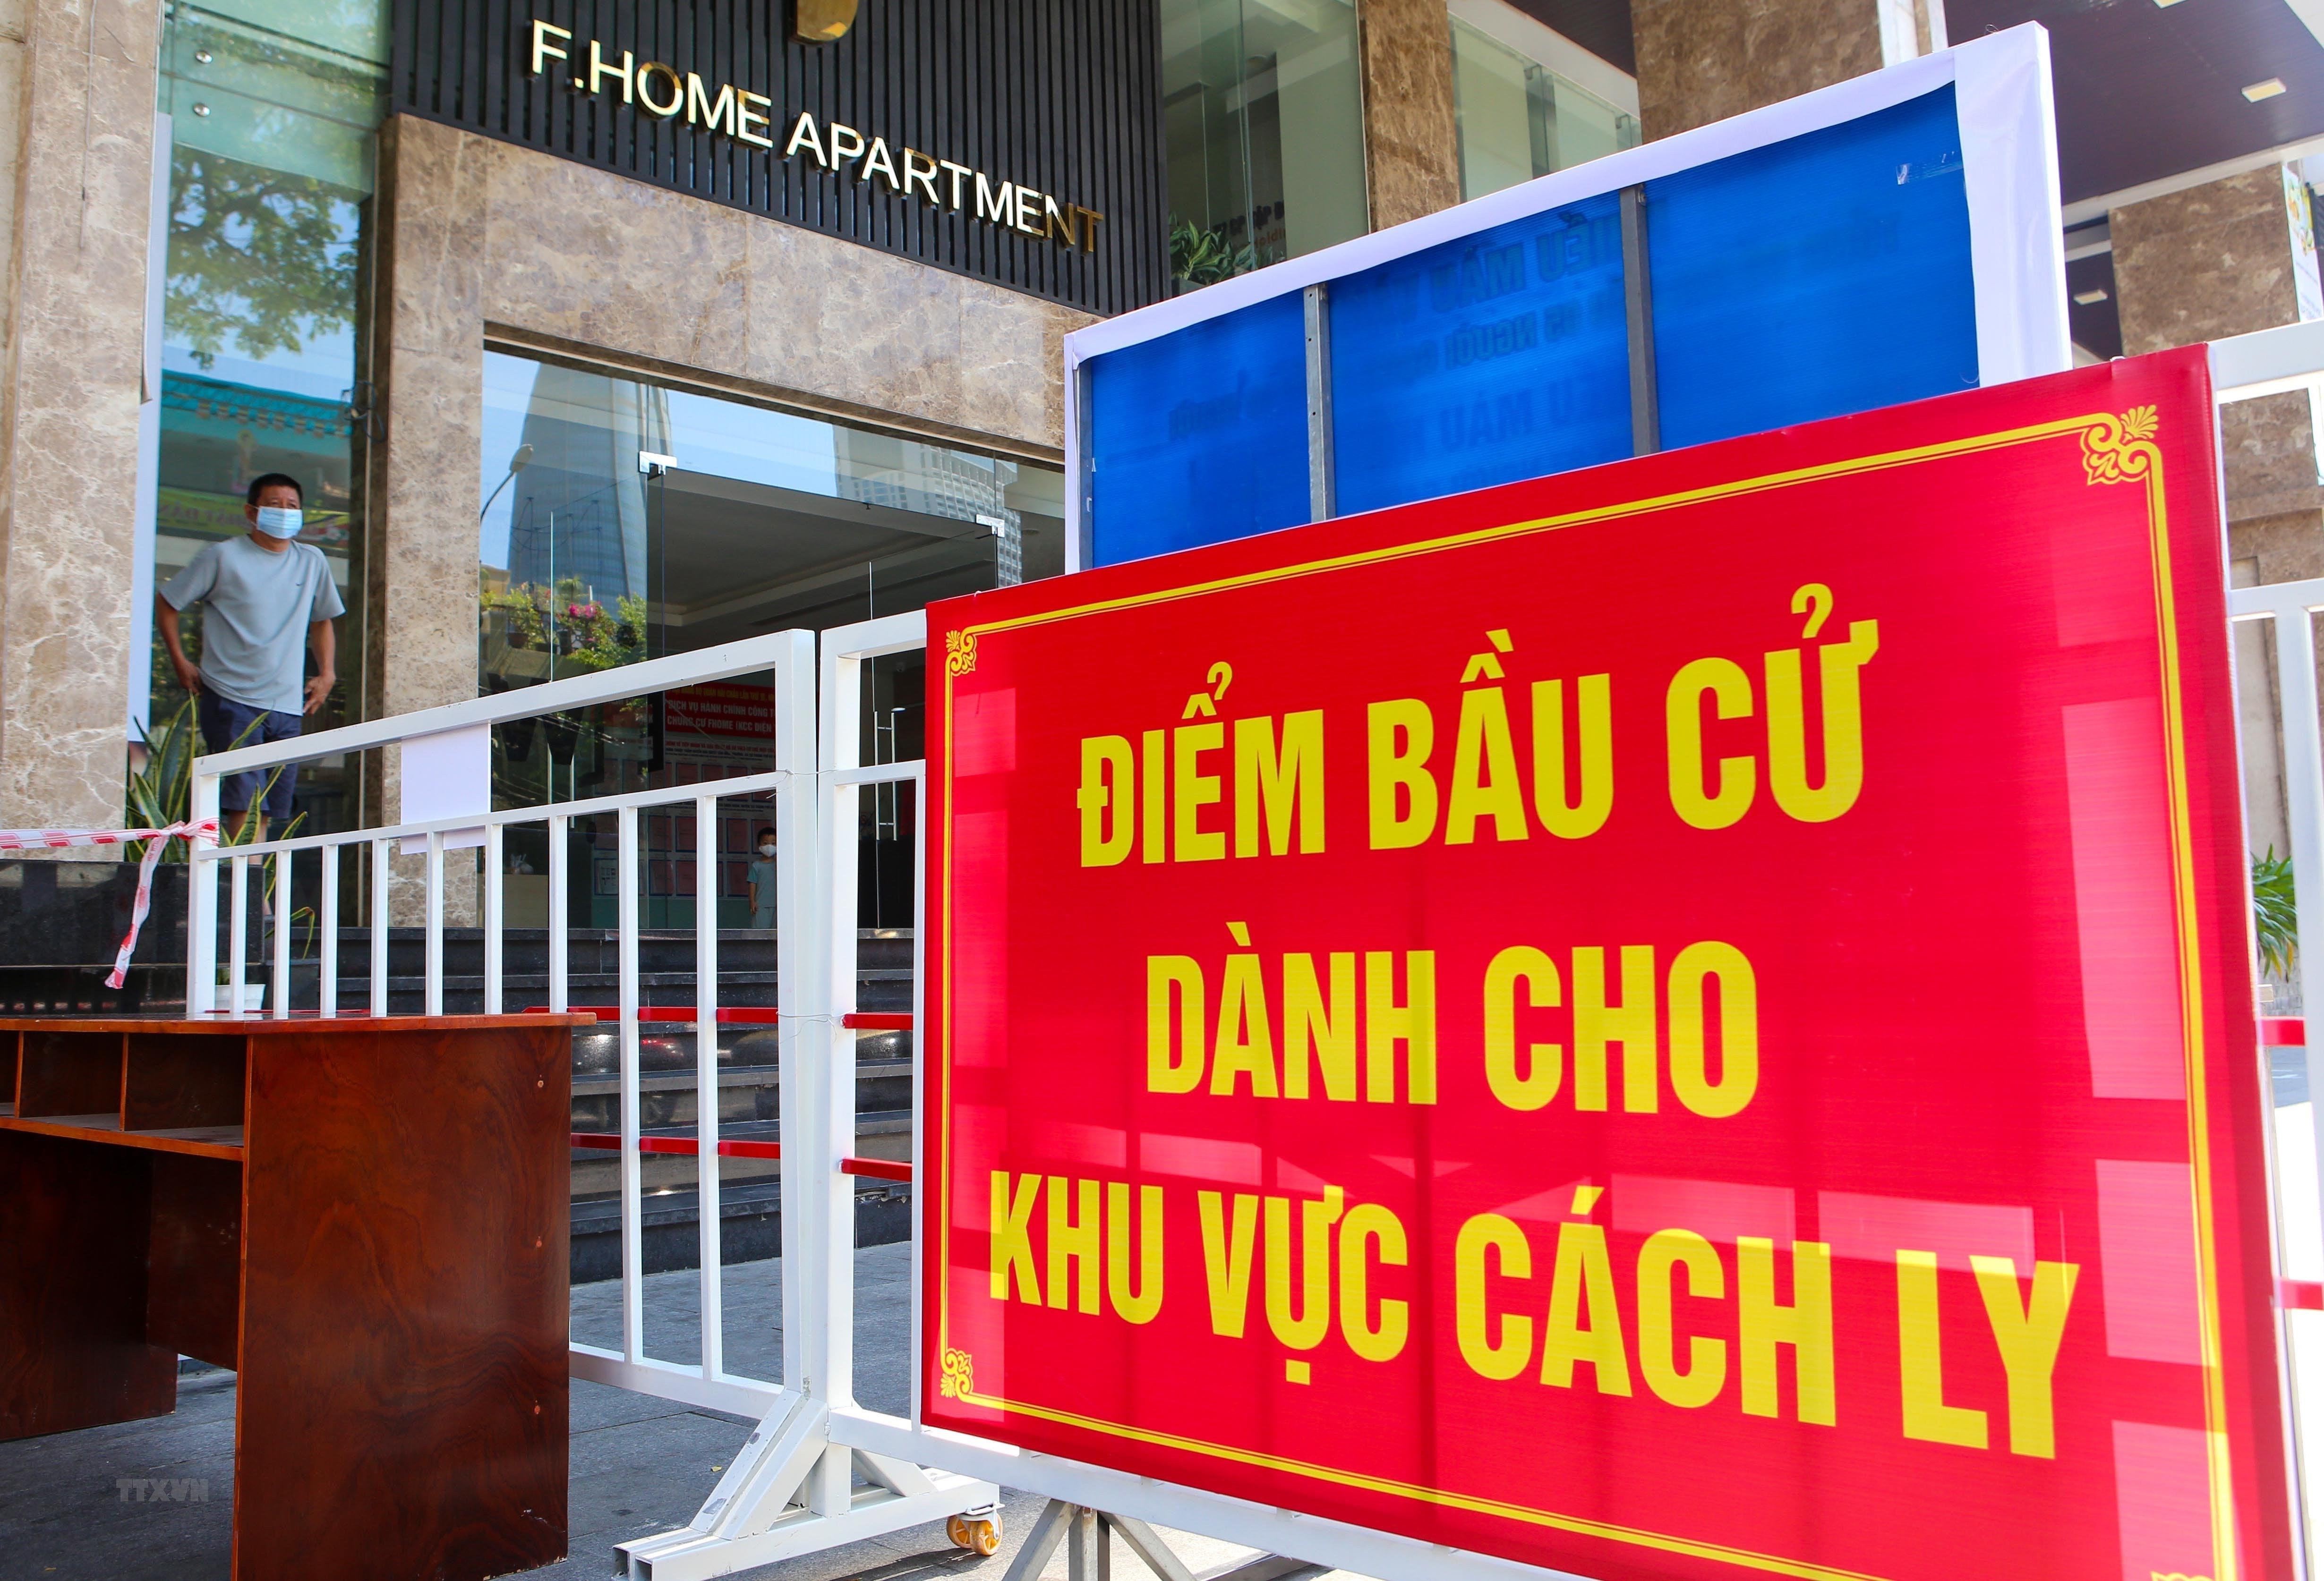 Dong Nai dam bao quyen cua cu tri trong khu cach ly, phong toa hinh anh 1